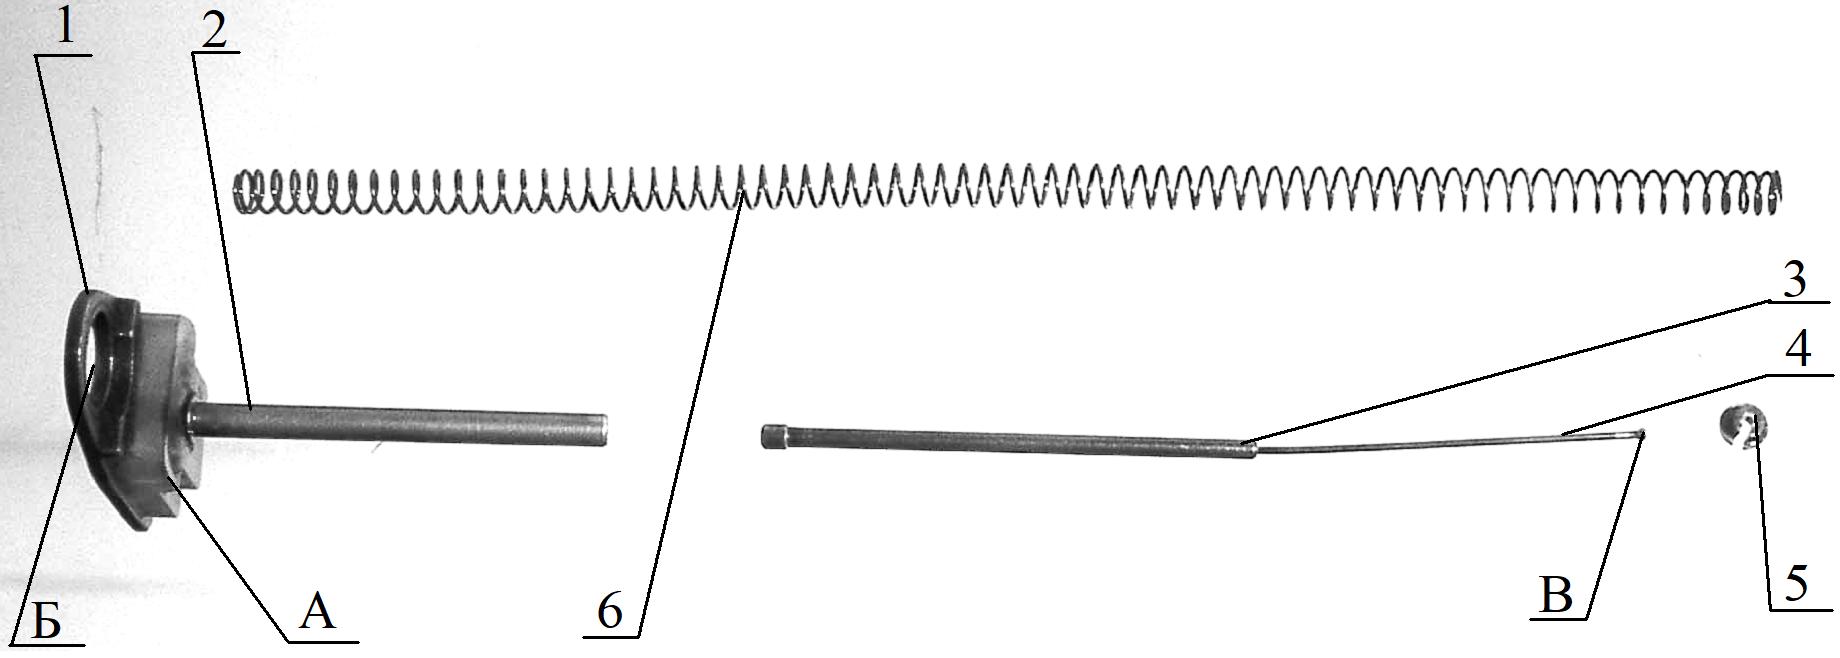 Рисунок 2.12 – Упор и направляющая с боевой пружиной СР2М